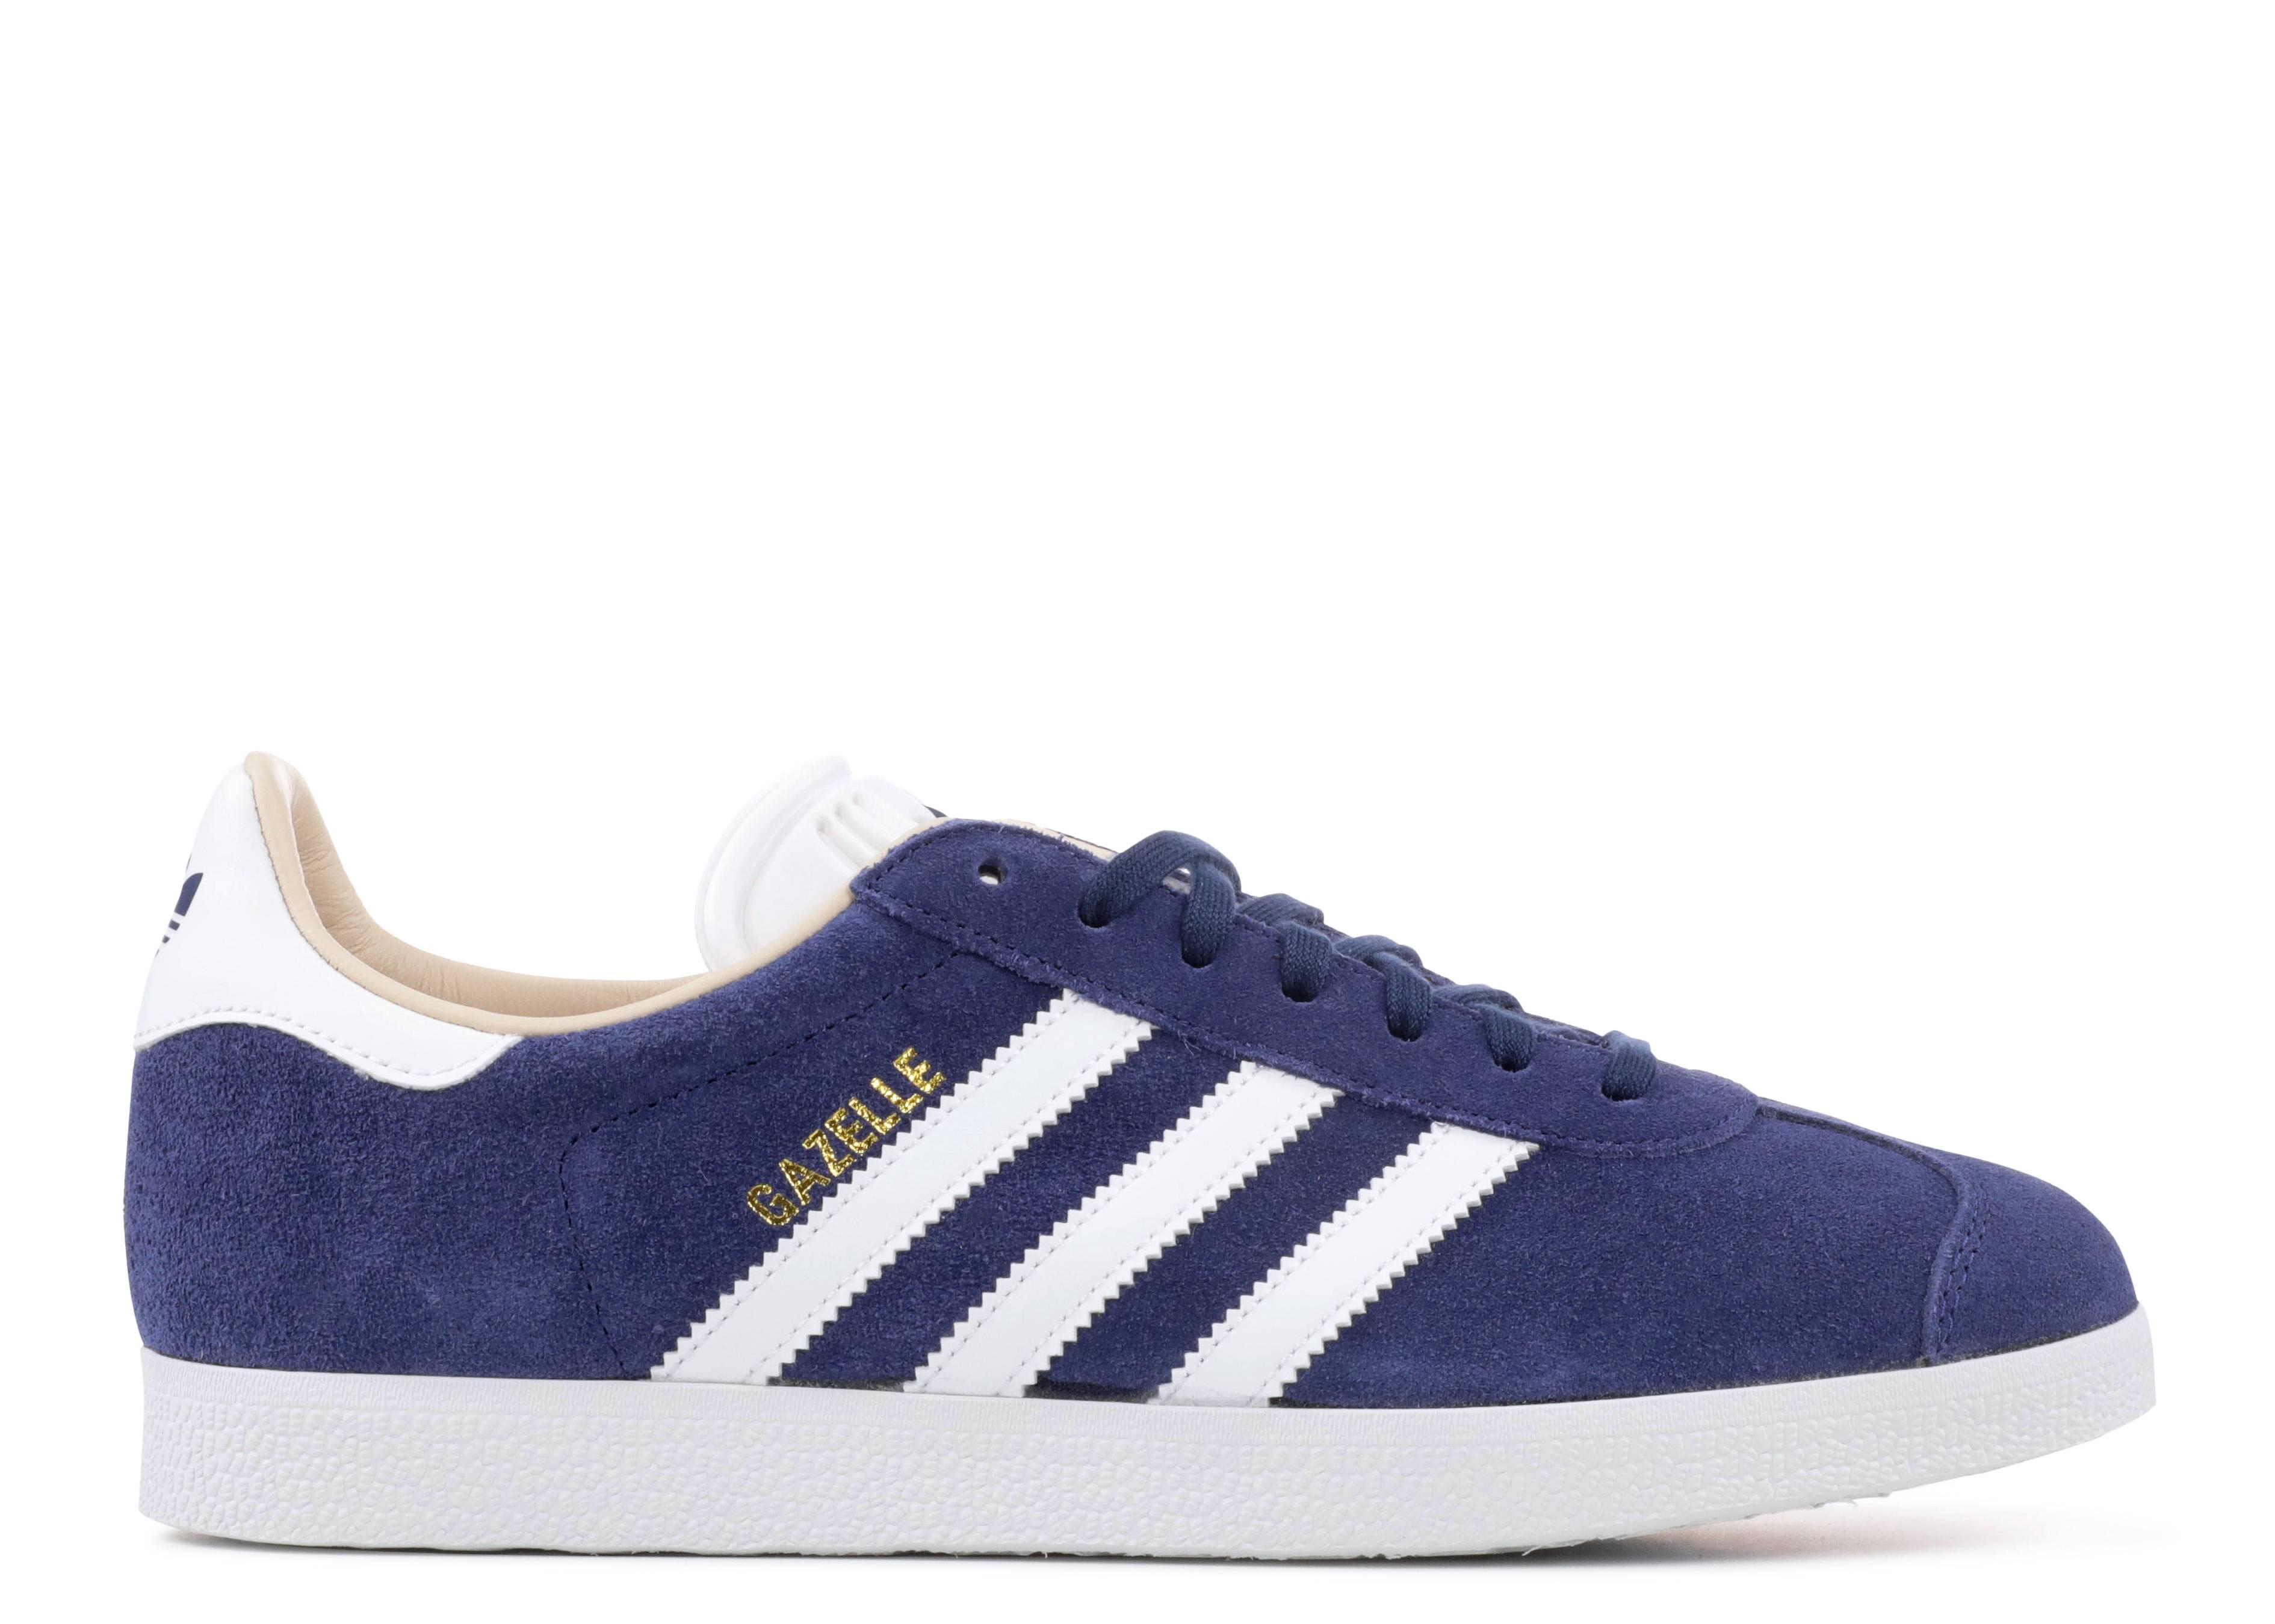 adidas Gazelle - Sneaker für Damen - Blau (nobind/ftwwht/linen) sLP8Akhhf